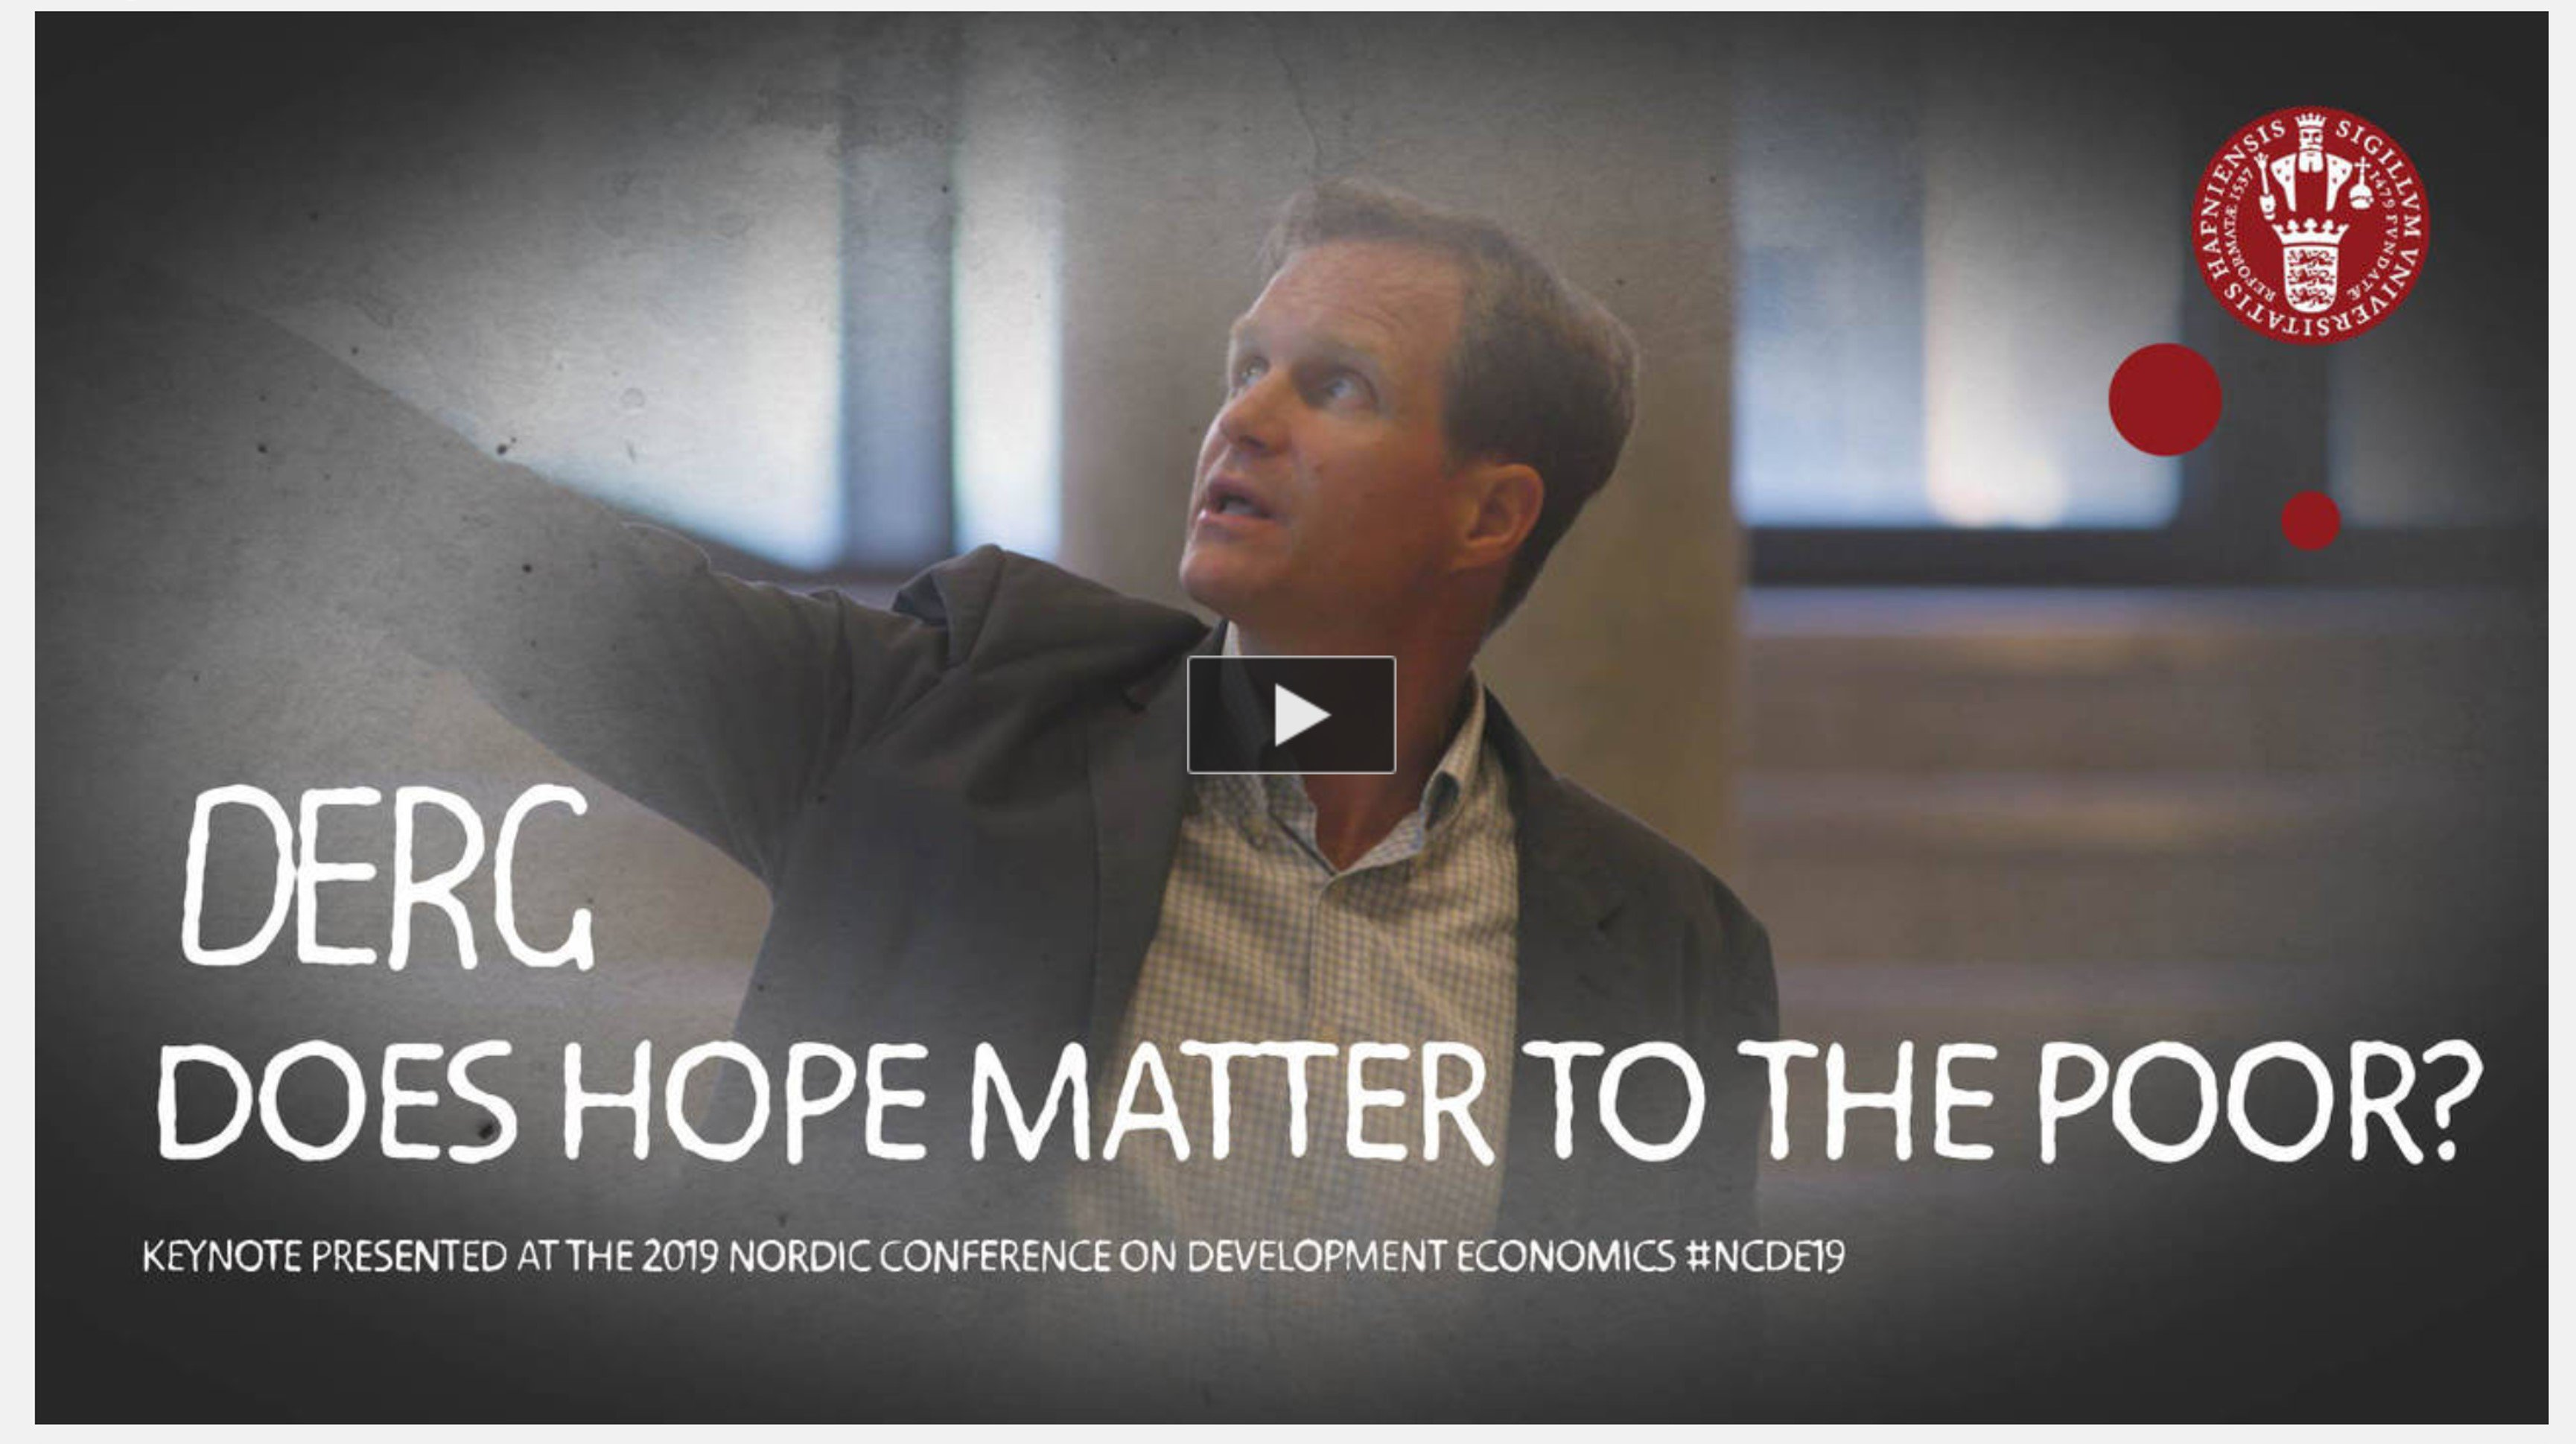 DERG hope video.jpg